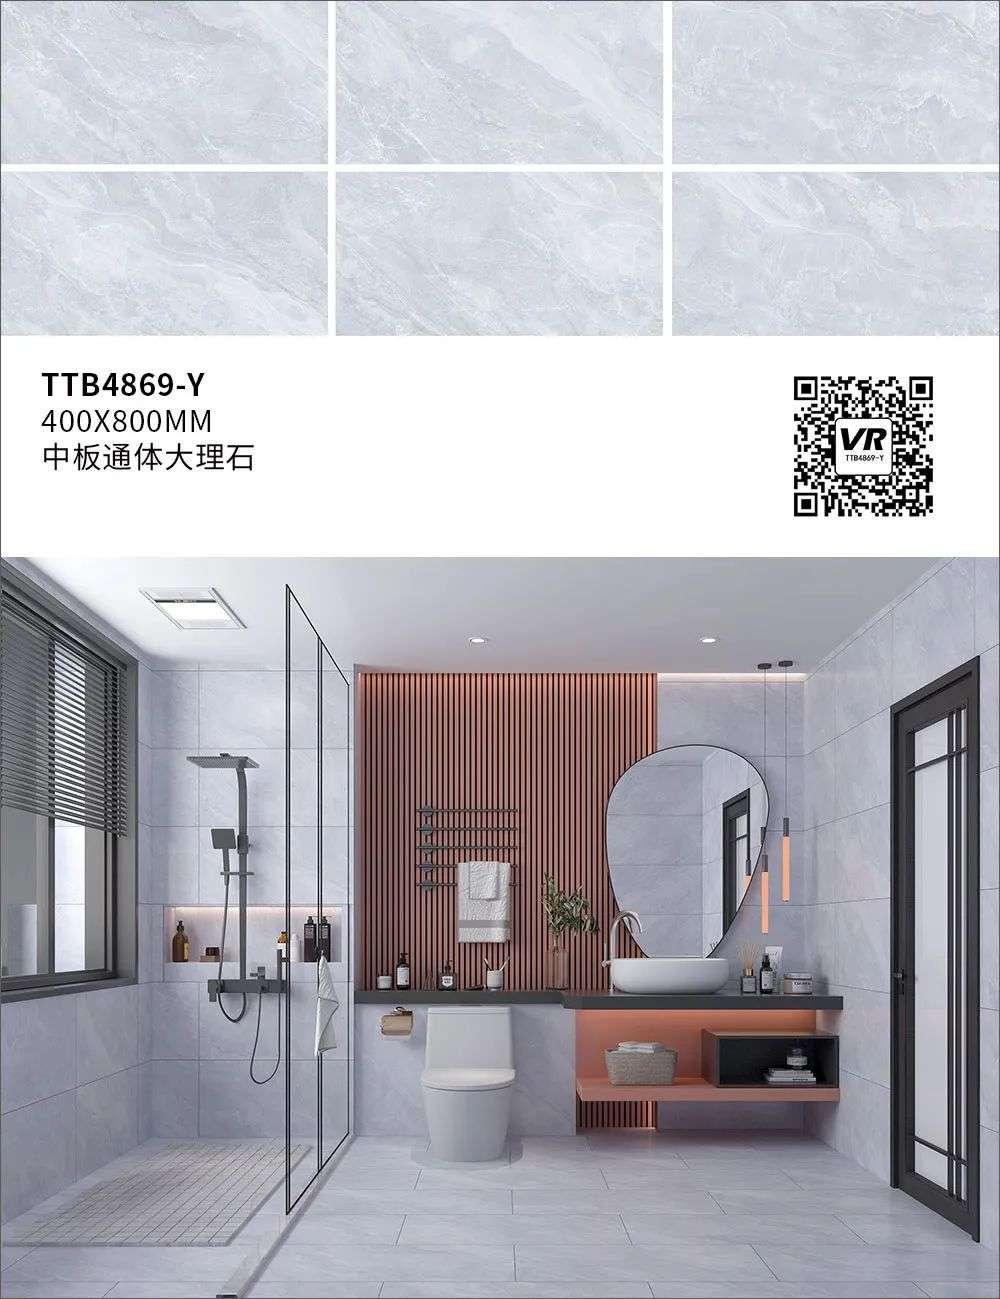 金雅陶陶瓷通体中板大理石瓷砖图片展示_2